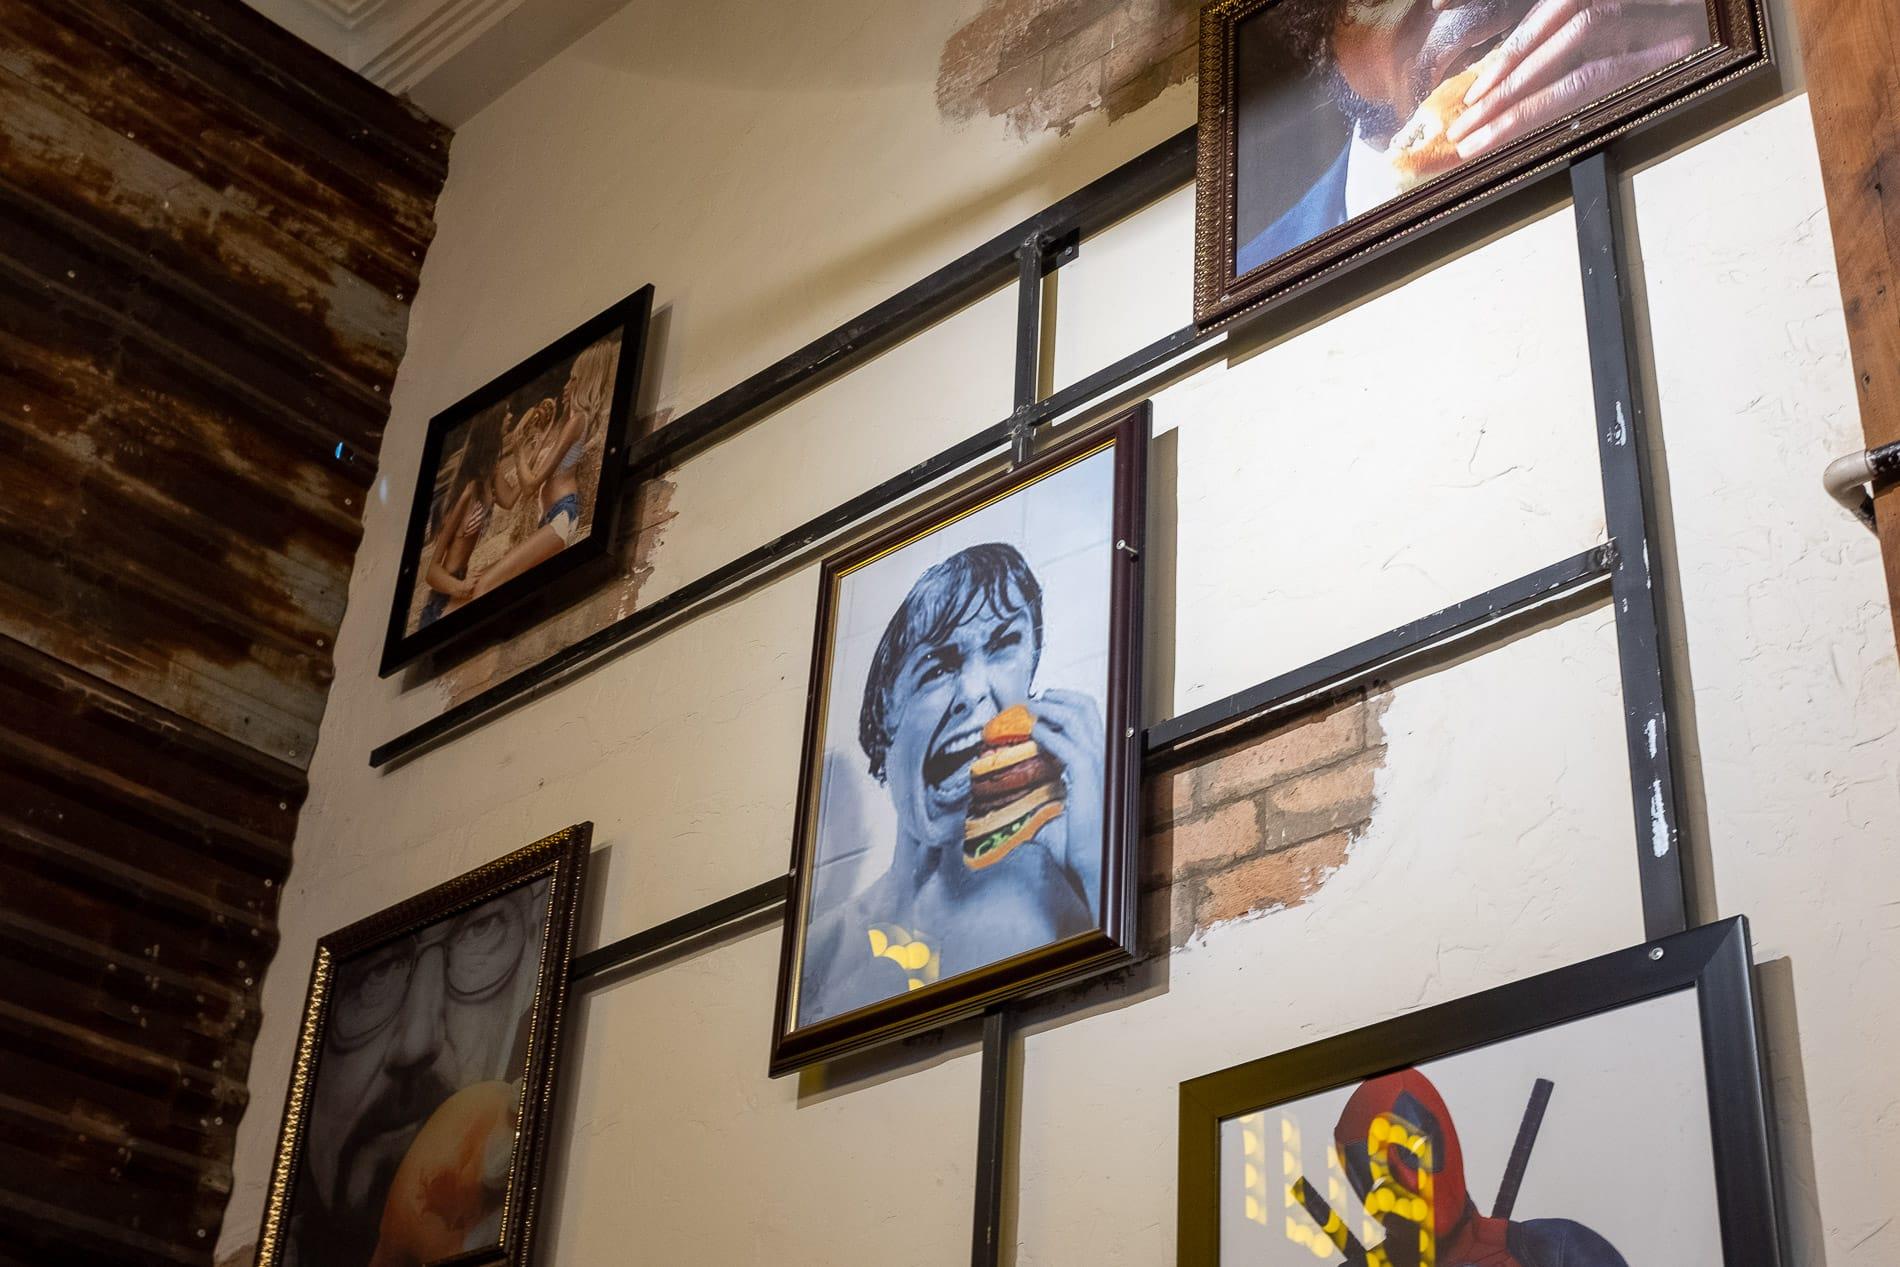 Burger Craft displays famous films